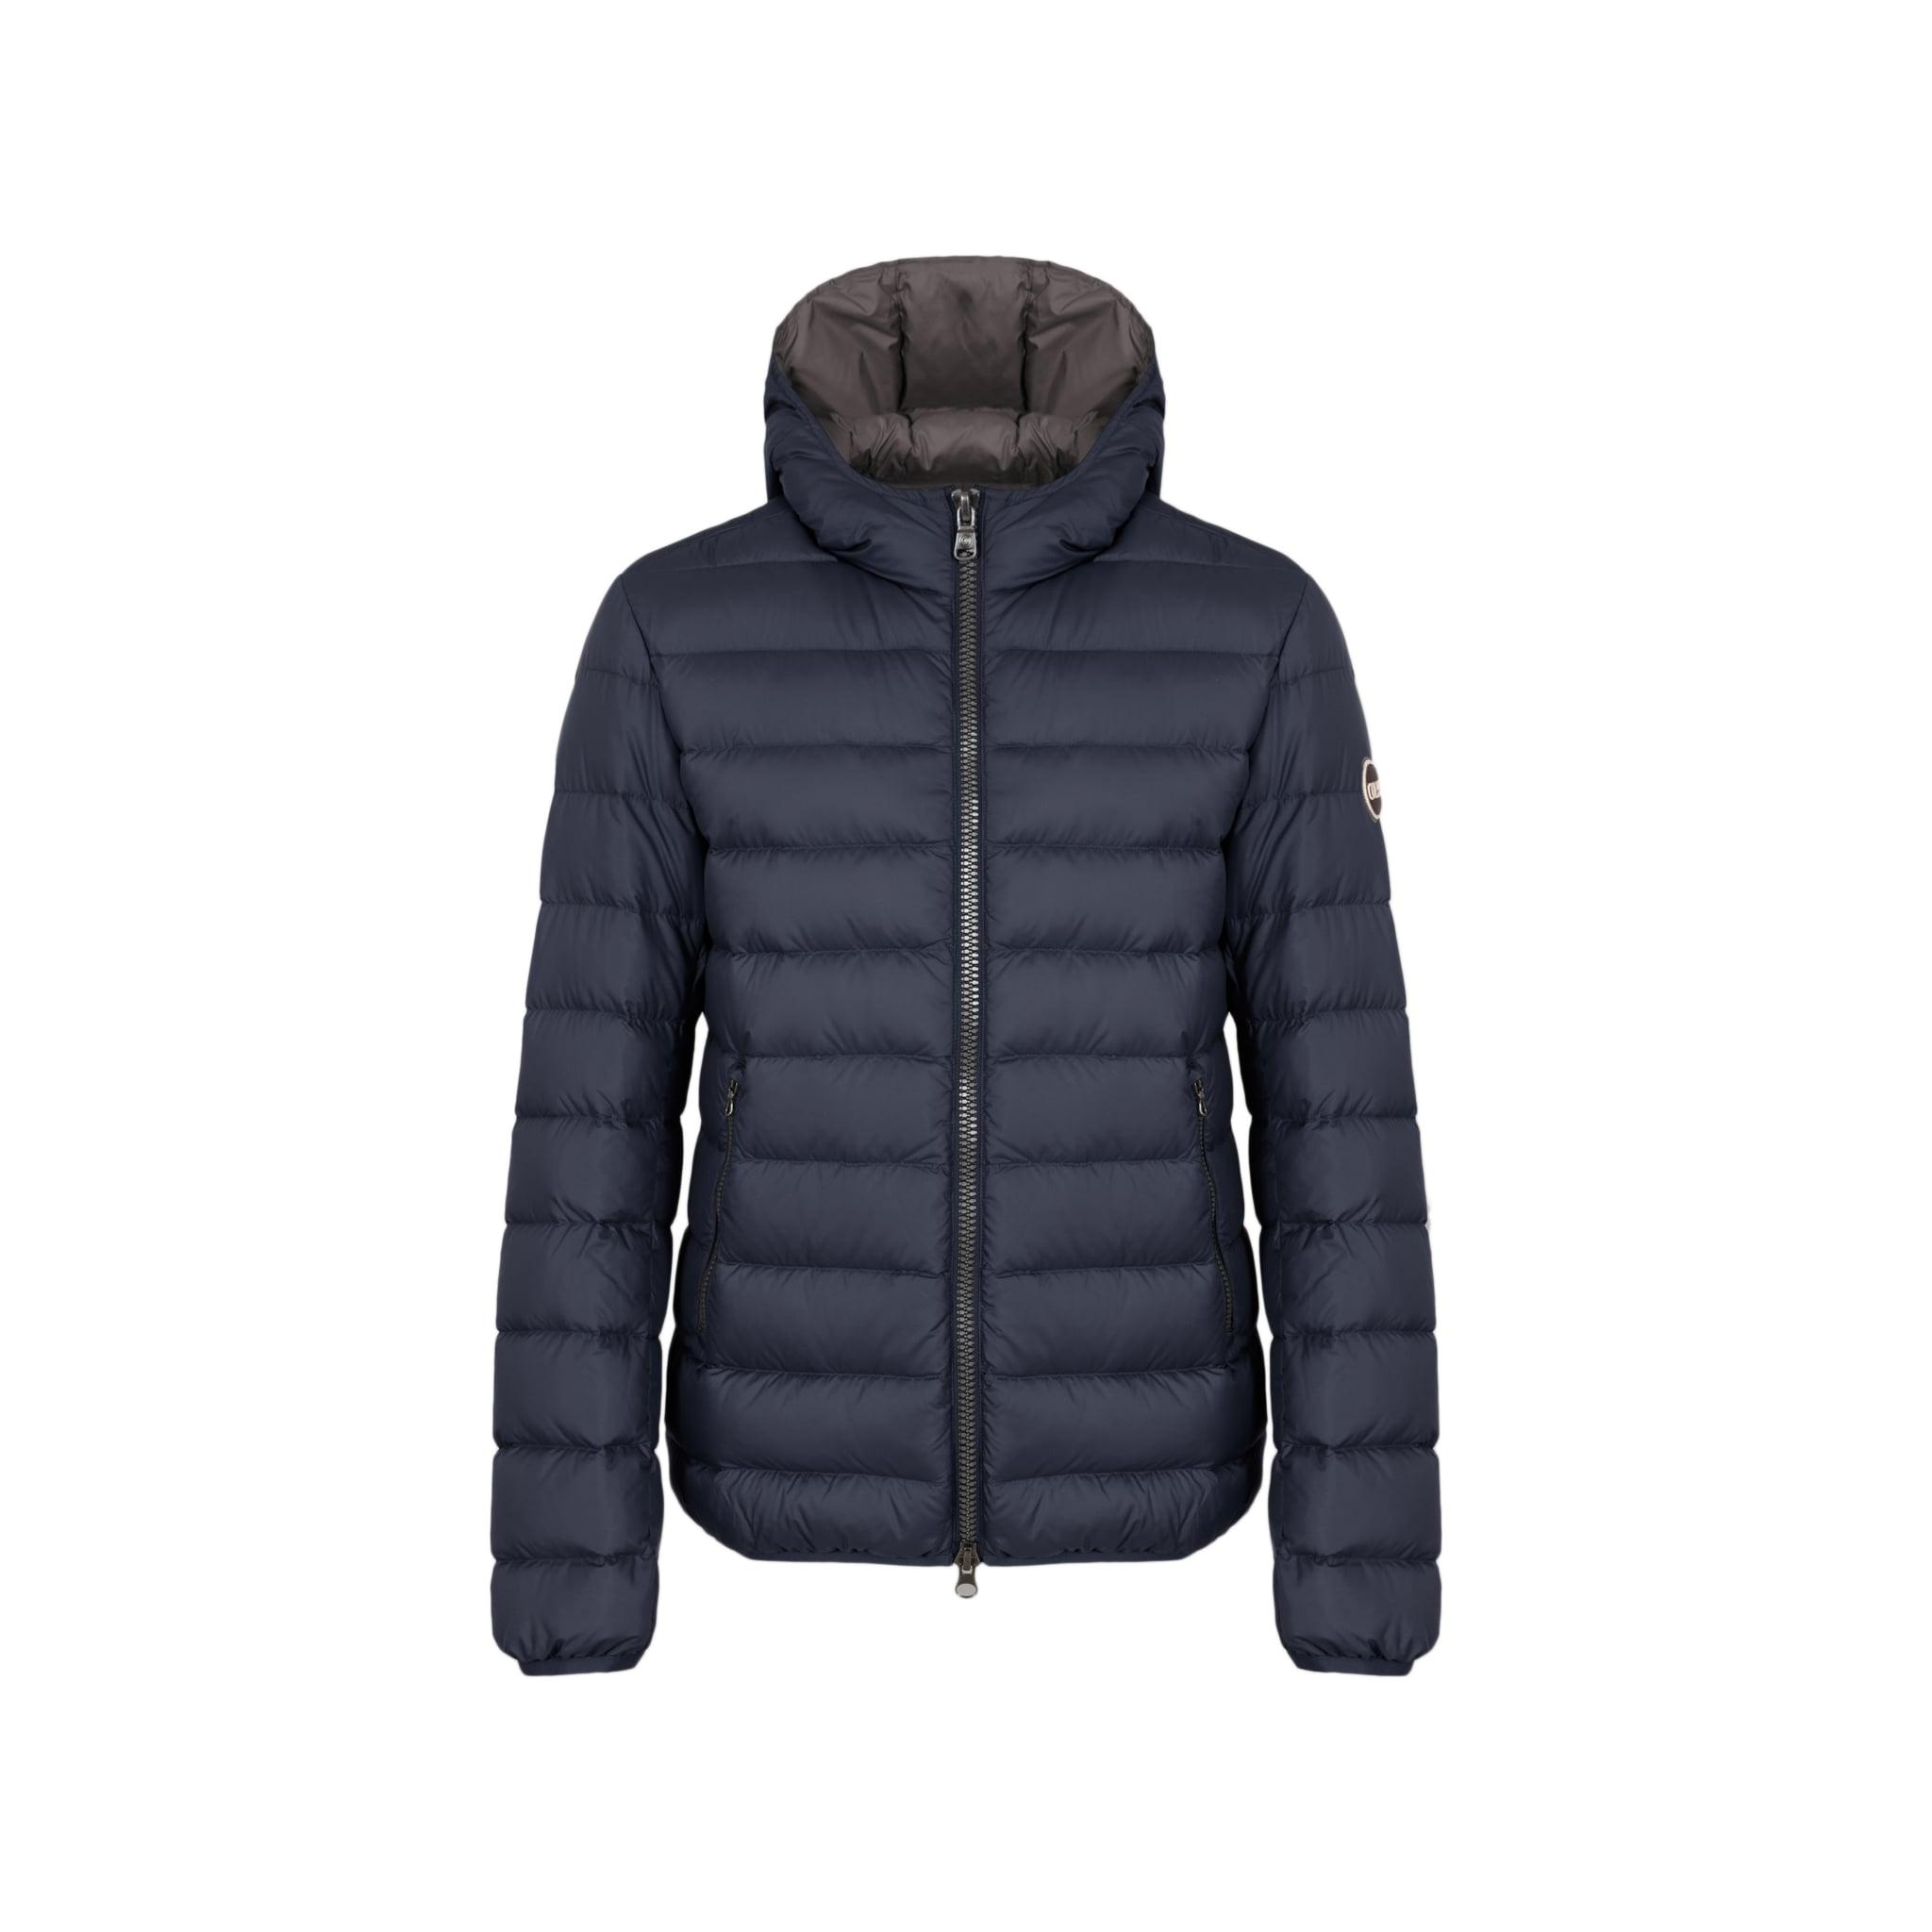 Originals Winter Down Jacket M